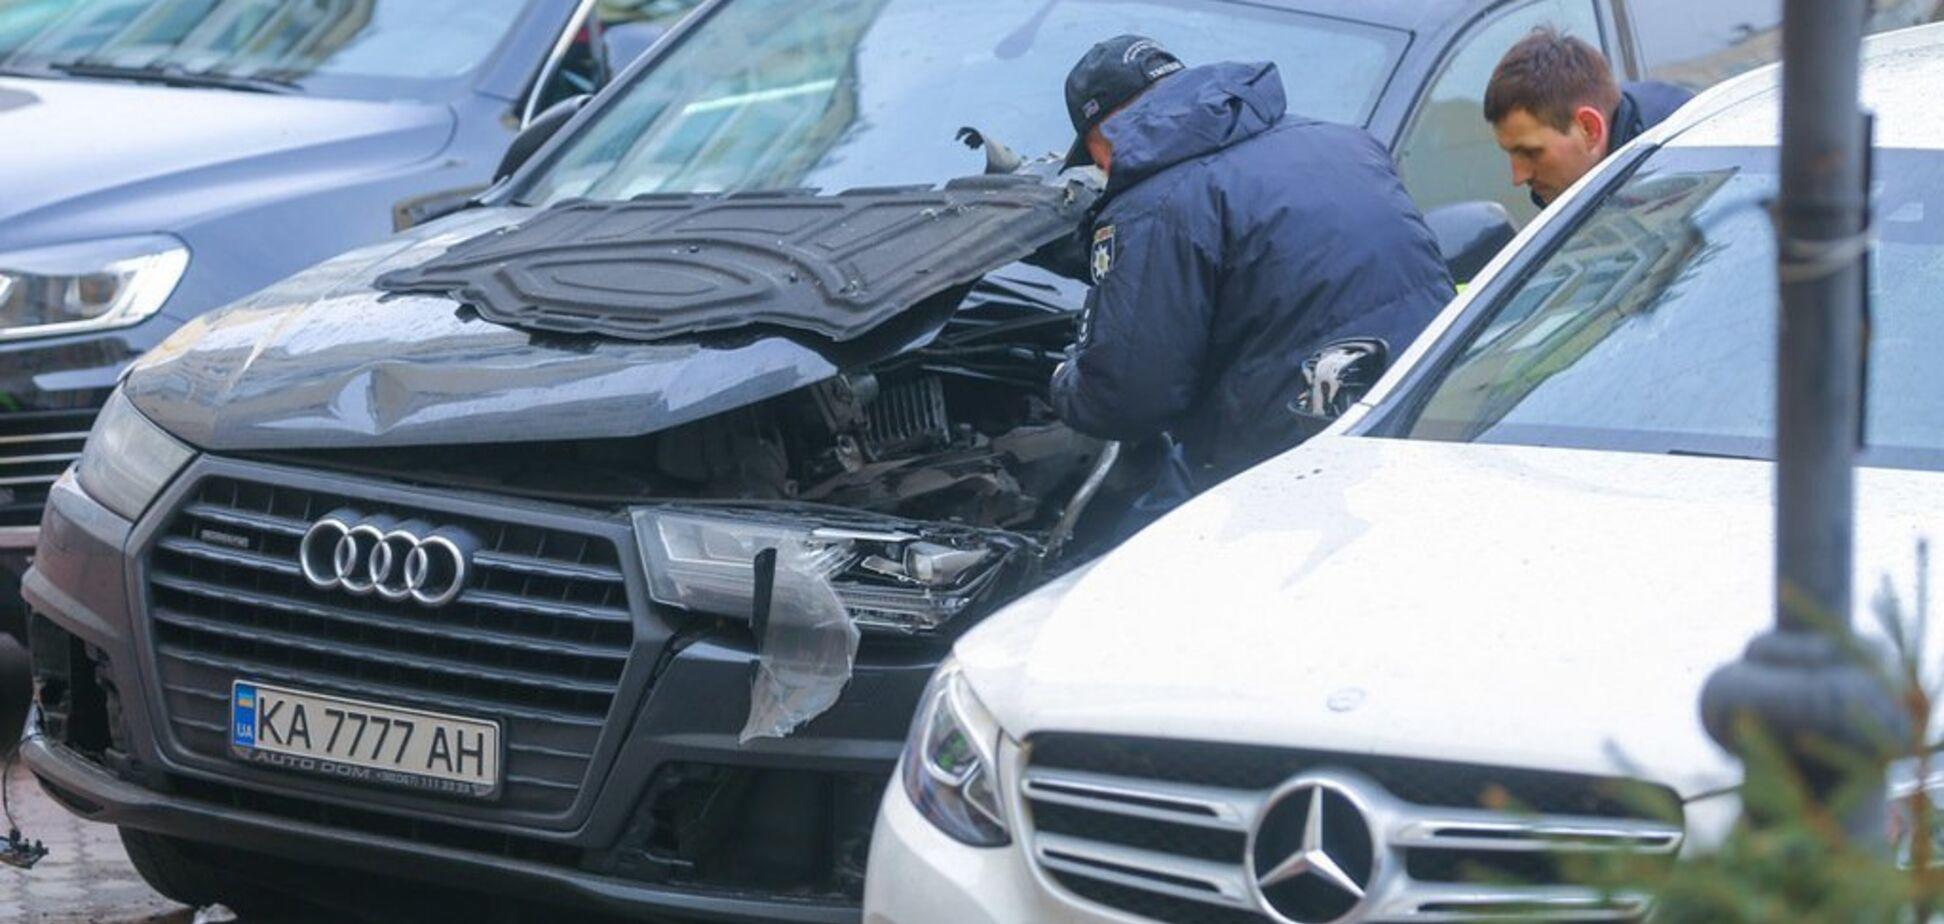 ''Вороги можуть не радіти'': у Турчинова відповіли на ''вибух'' його авто